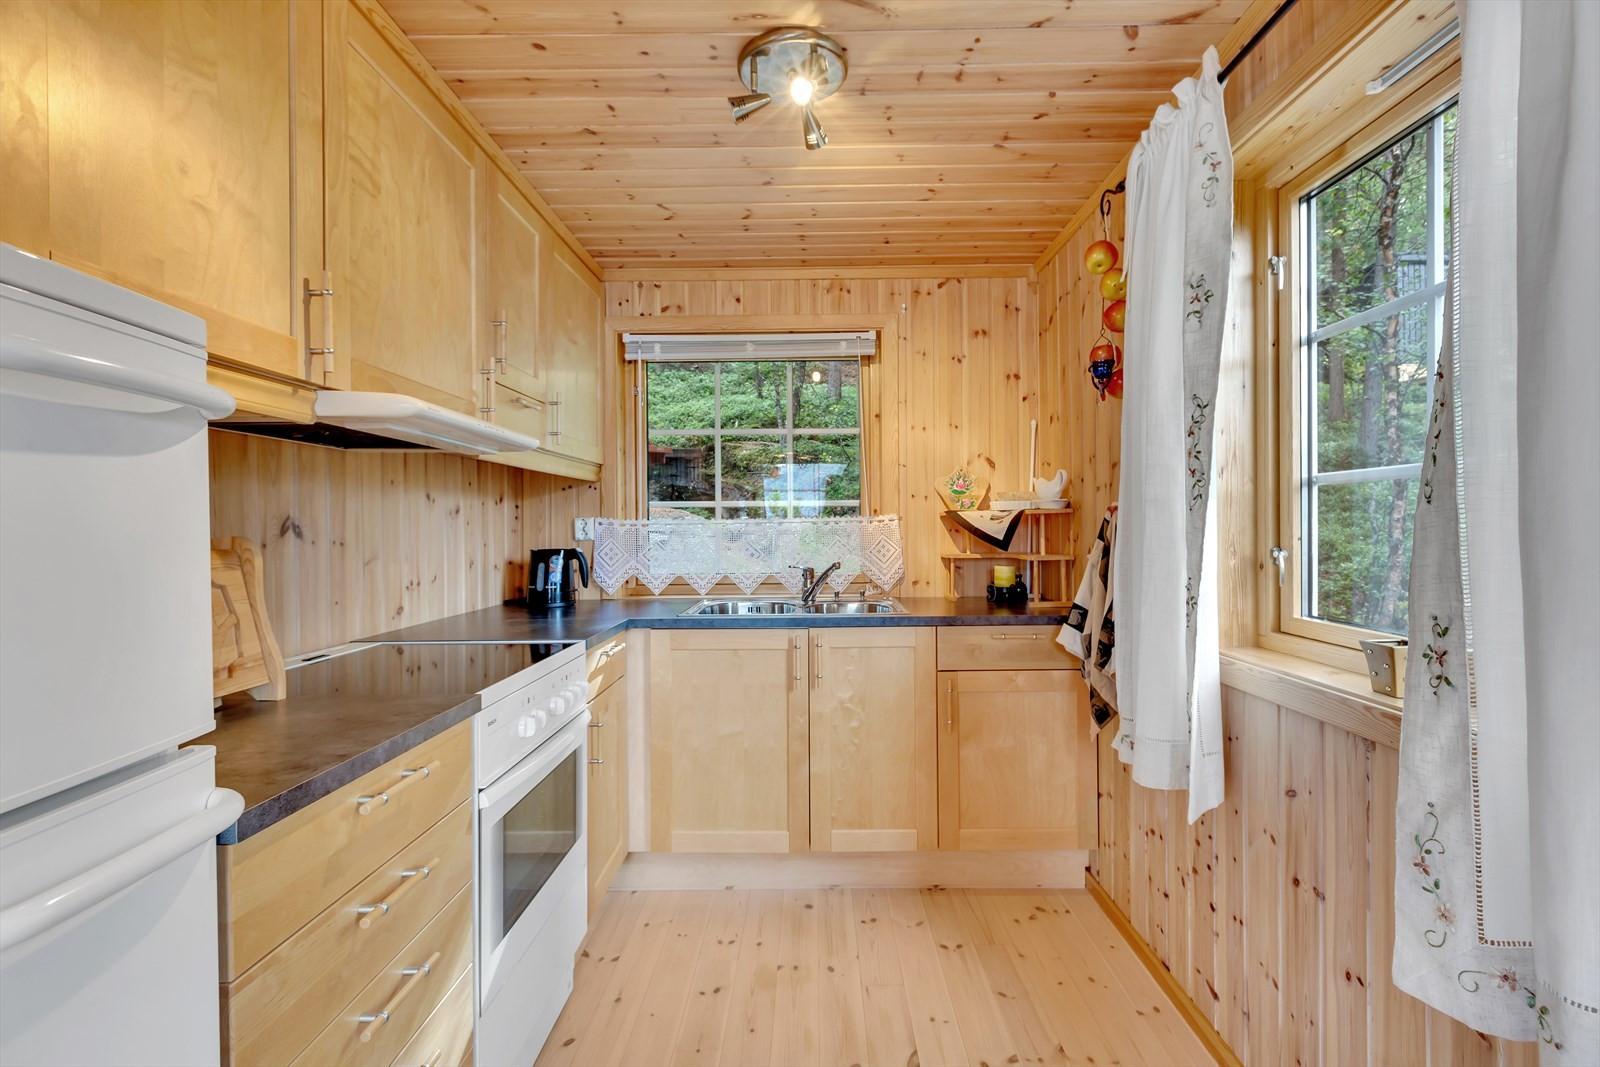 Vinduer fra to sider gir godt lys i kjøkkenet